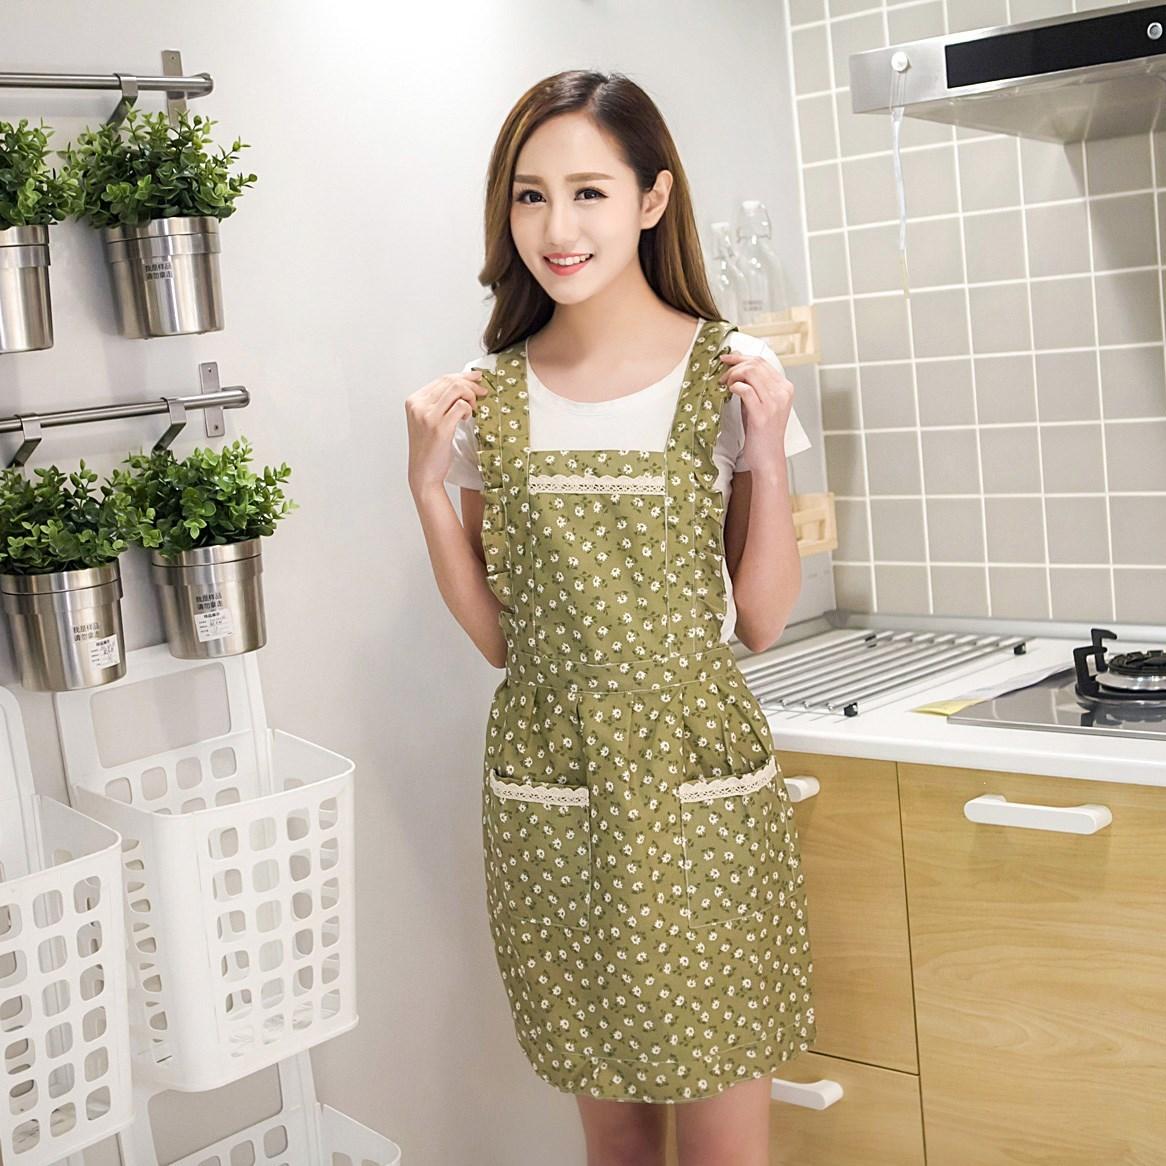 乐淘韩式围裙袖套时尚房防水半身韩版家用厨女士围裙背心式儿童厨